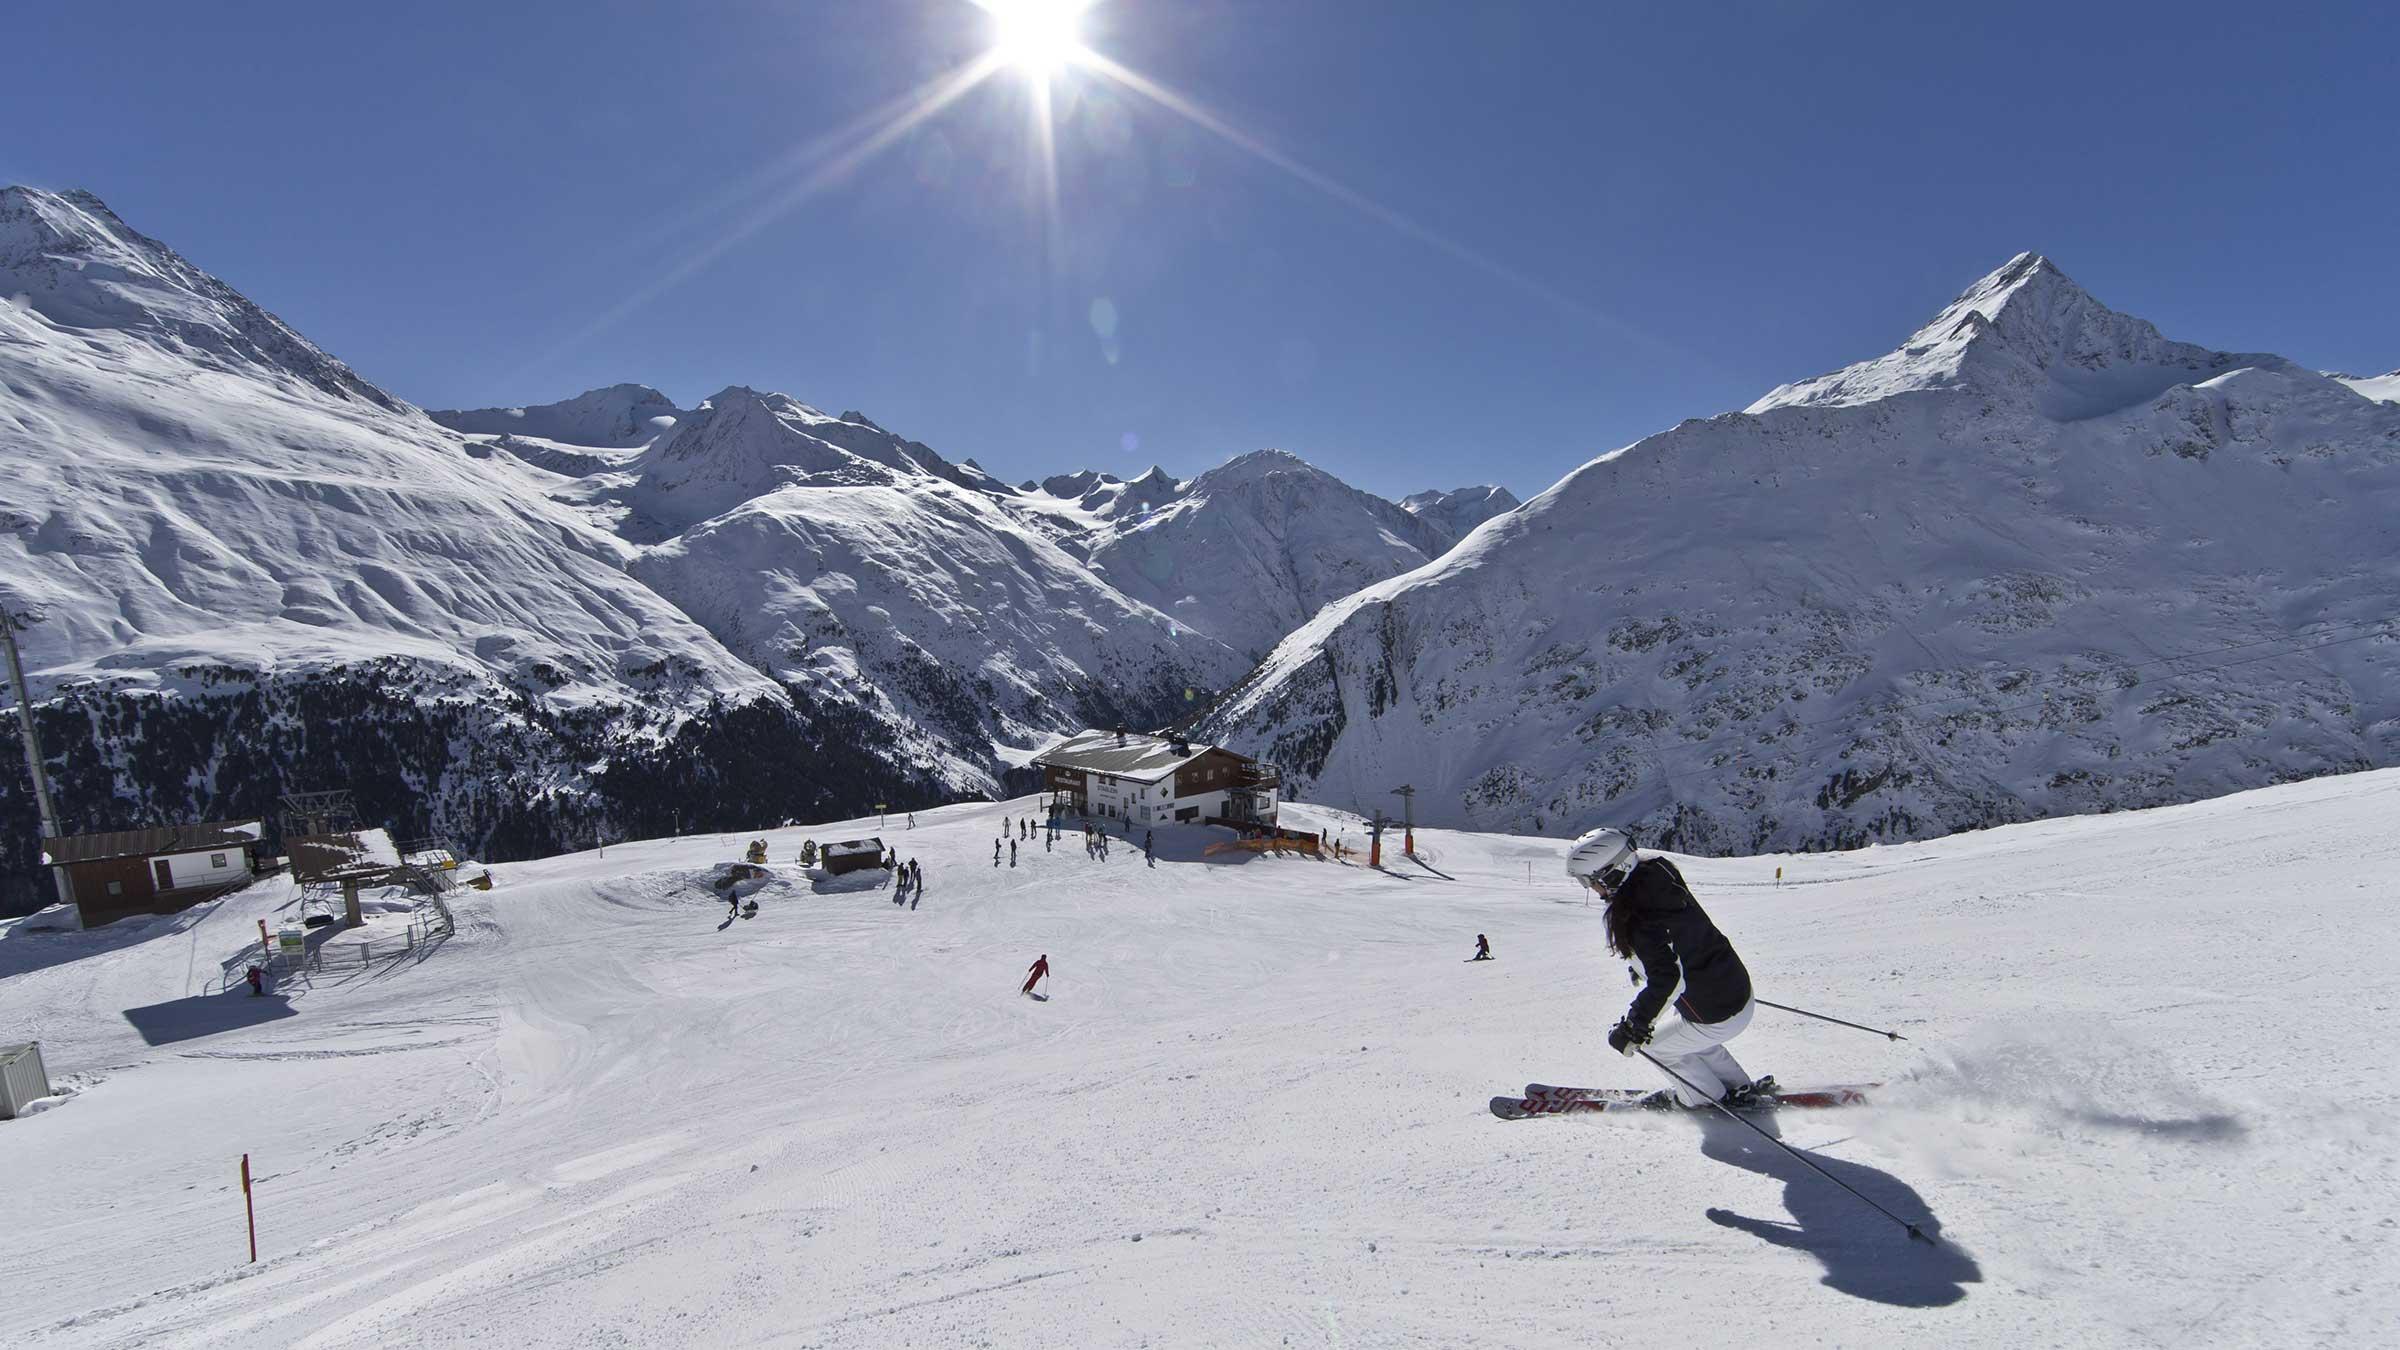 Skigebiet Vent - Die kleinen Skigebiete im Ötztal